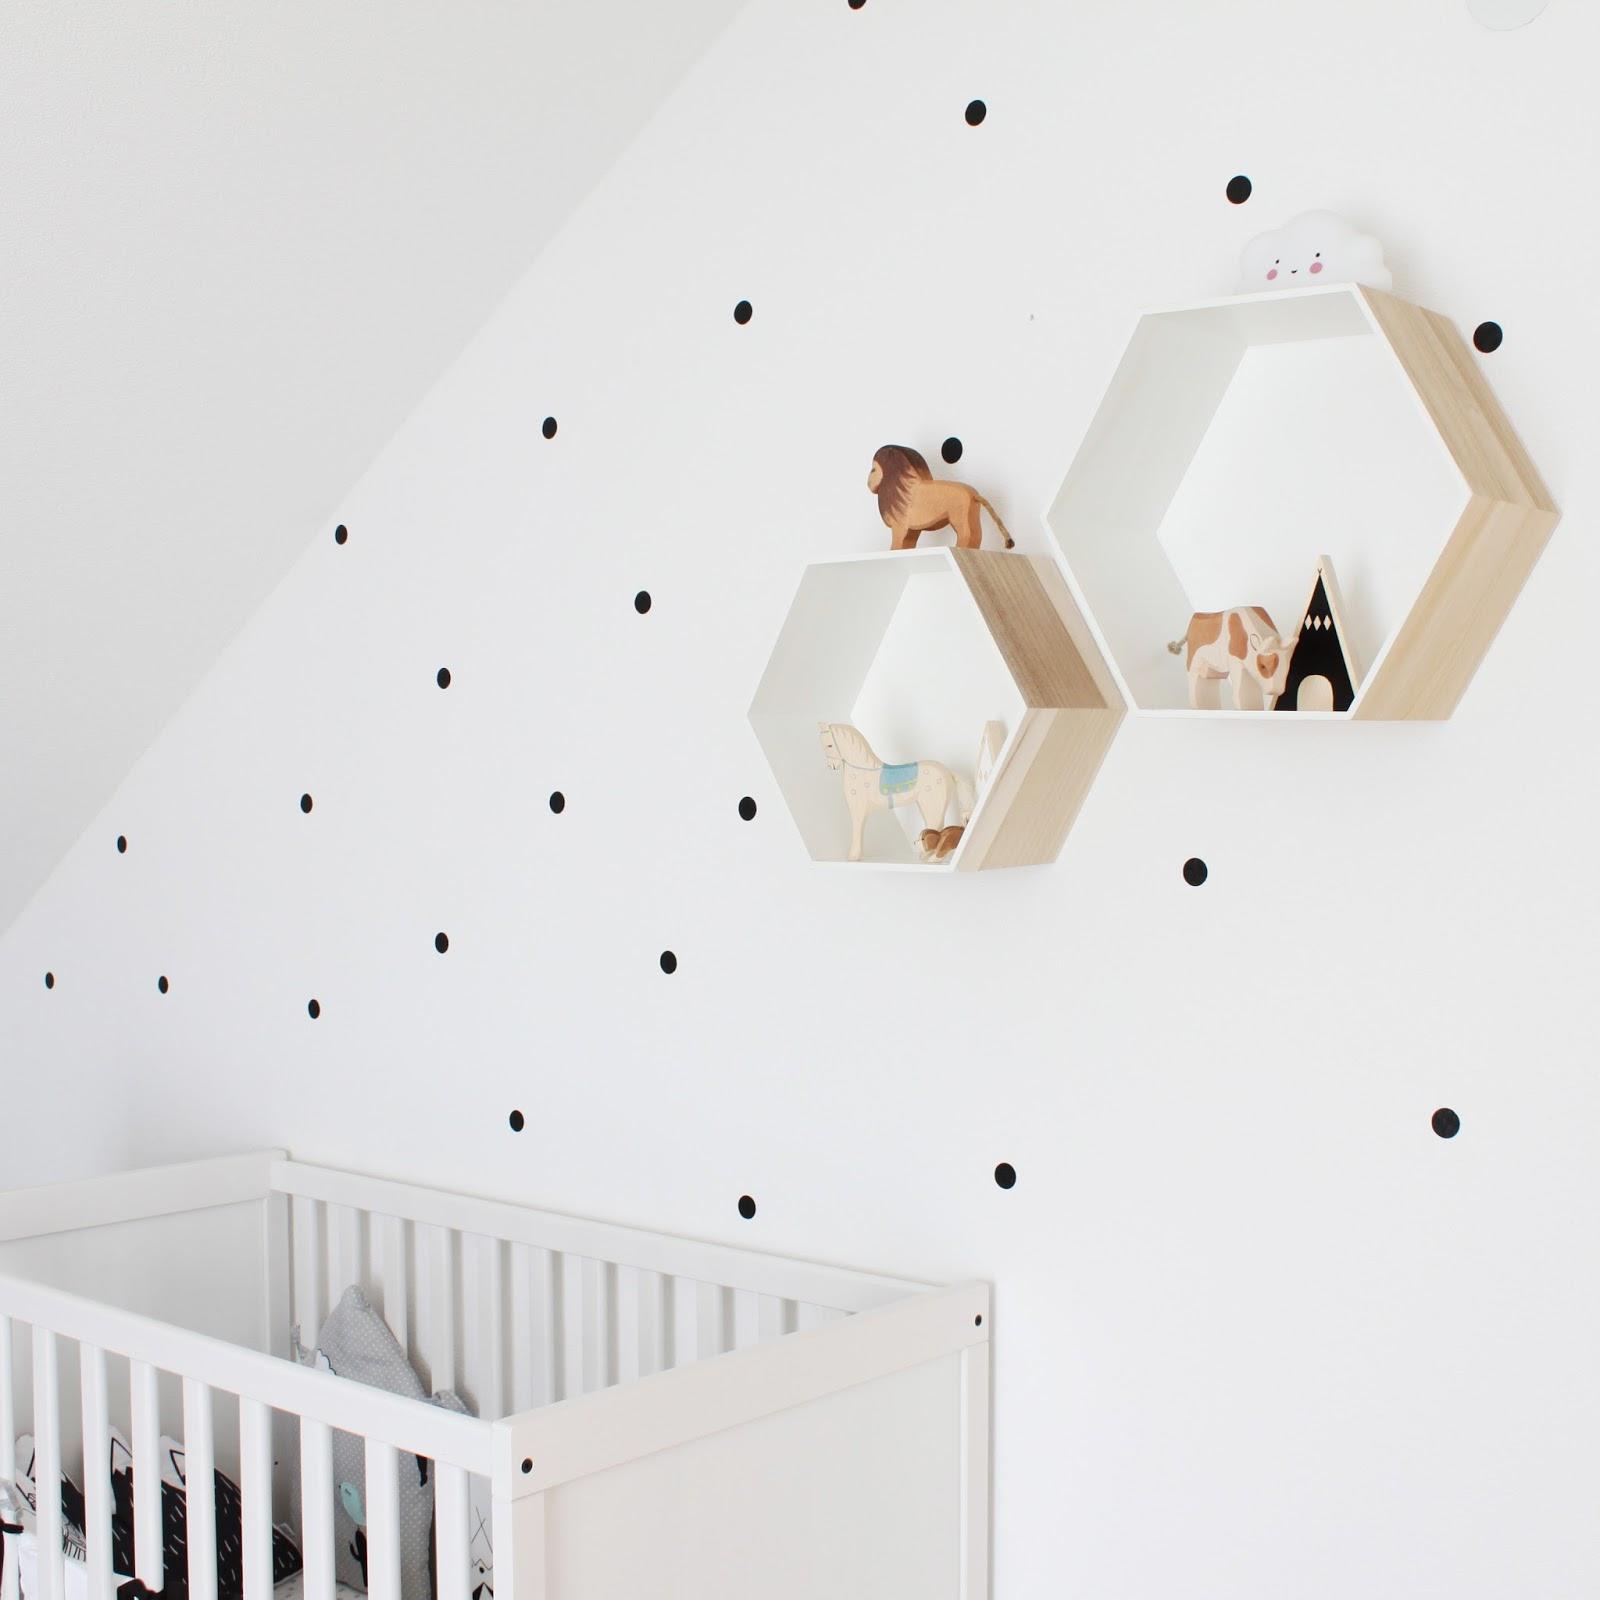 Kinderzimmer Dekoration im nordischen Stil in Monocrom schwarz weiß und Mint grün